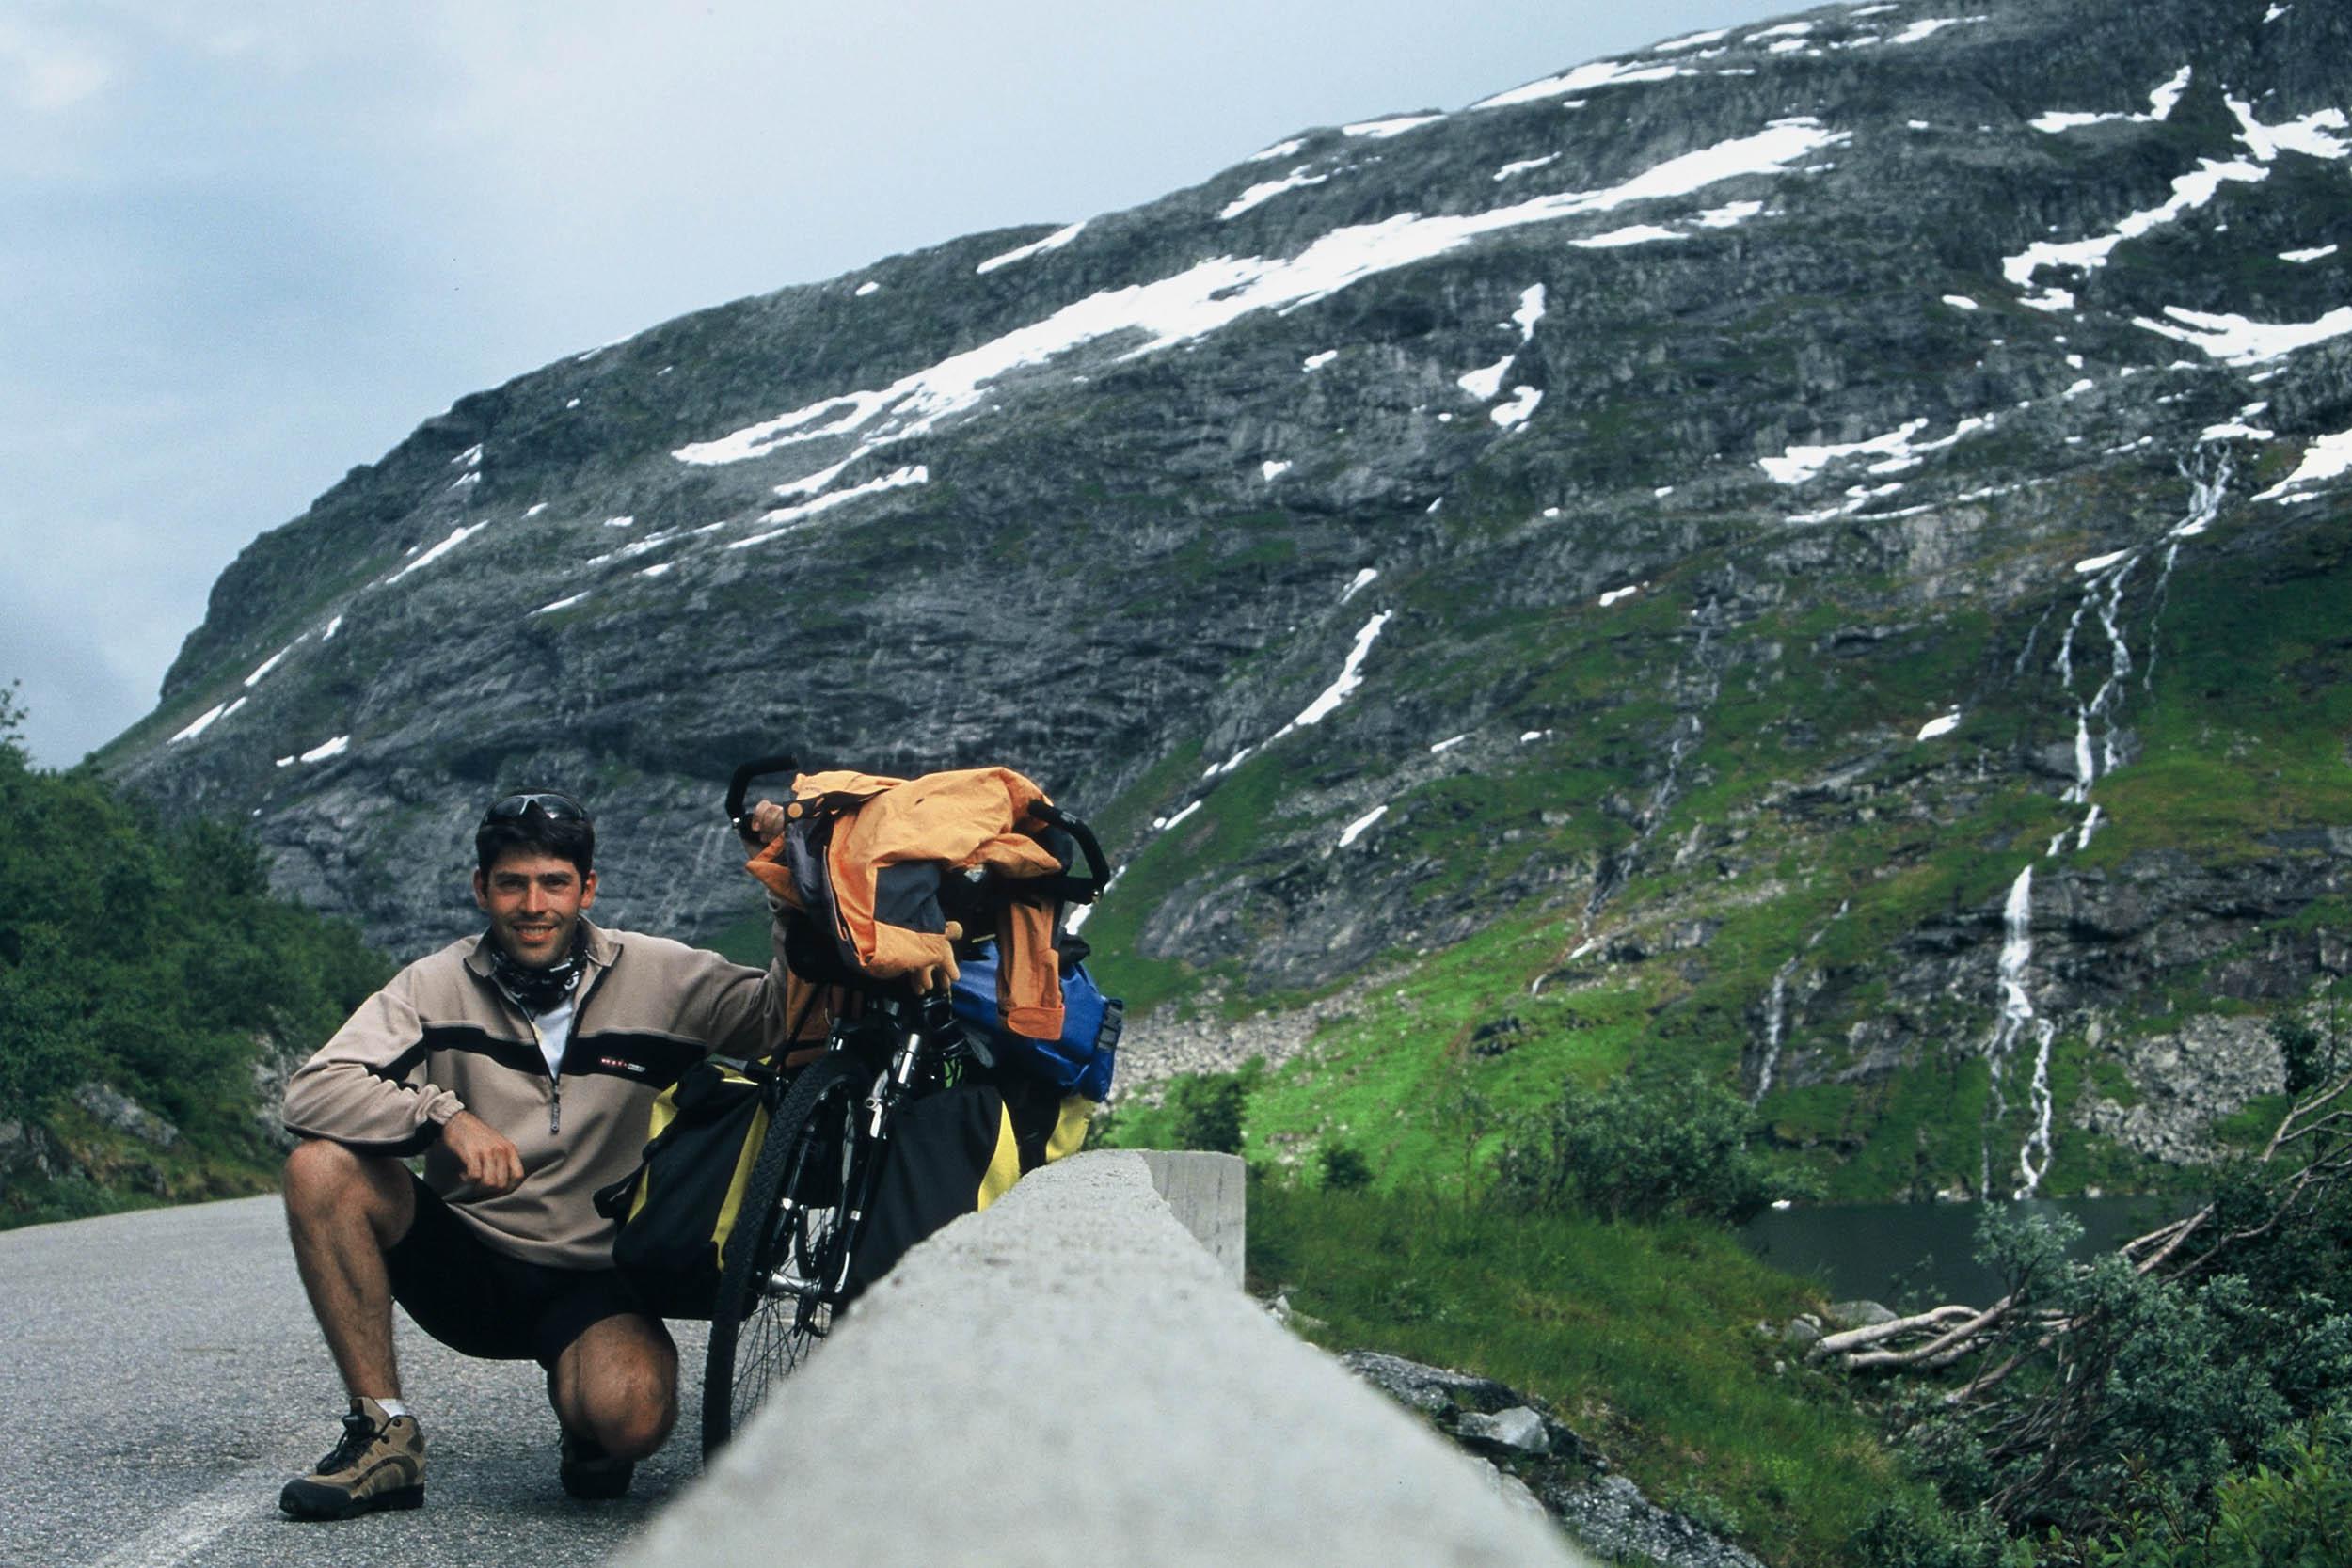 norwegen-maurizio-pass-fjell